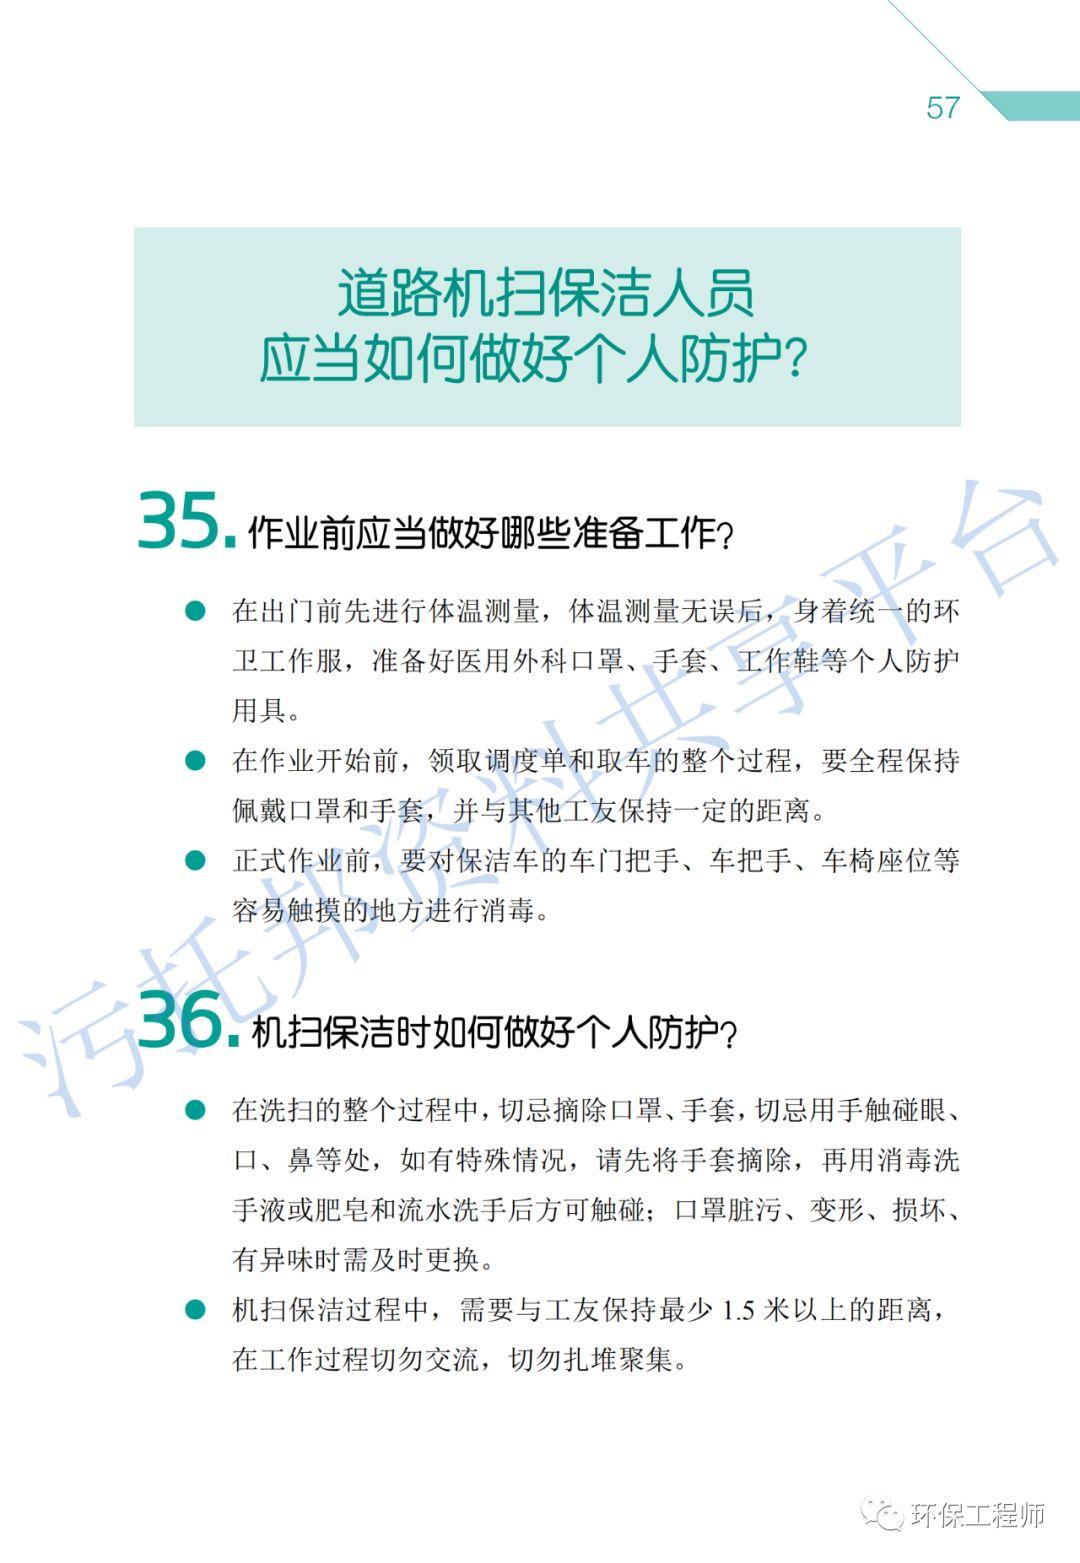 《环保从业人员新型冠状病毒疫情防护手册》_37